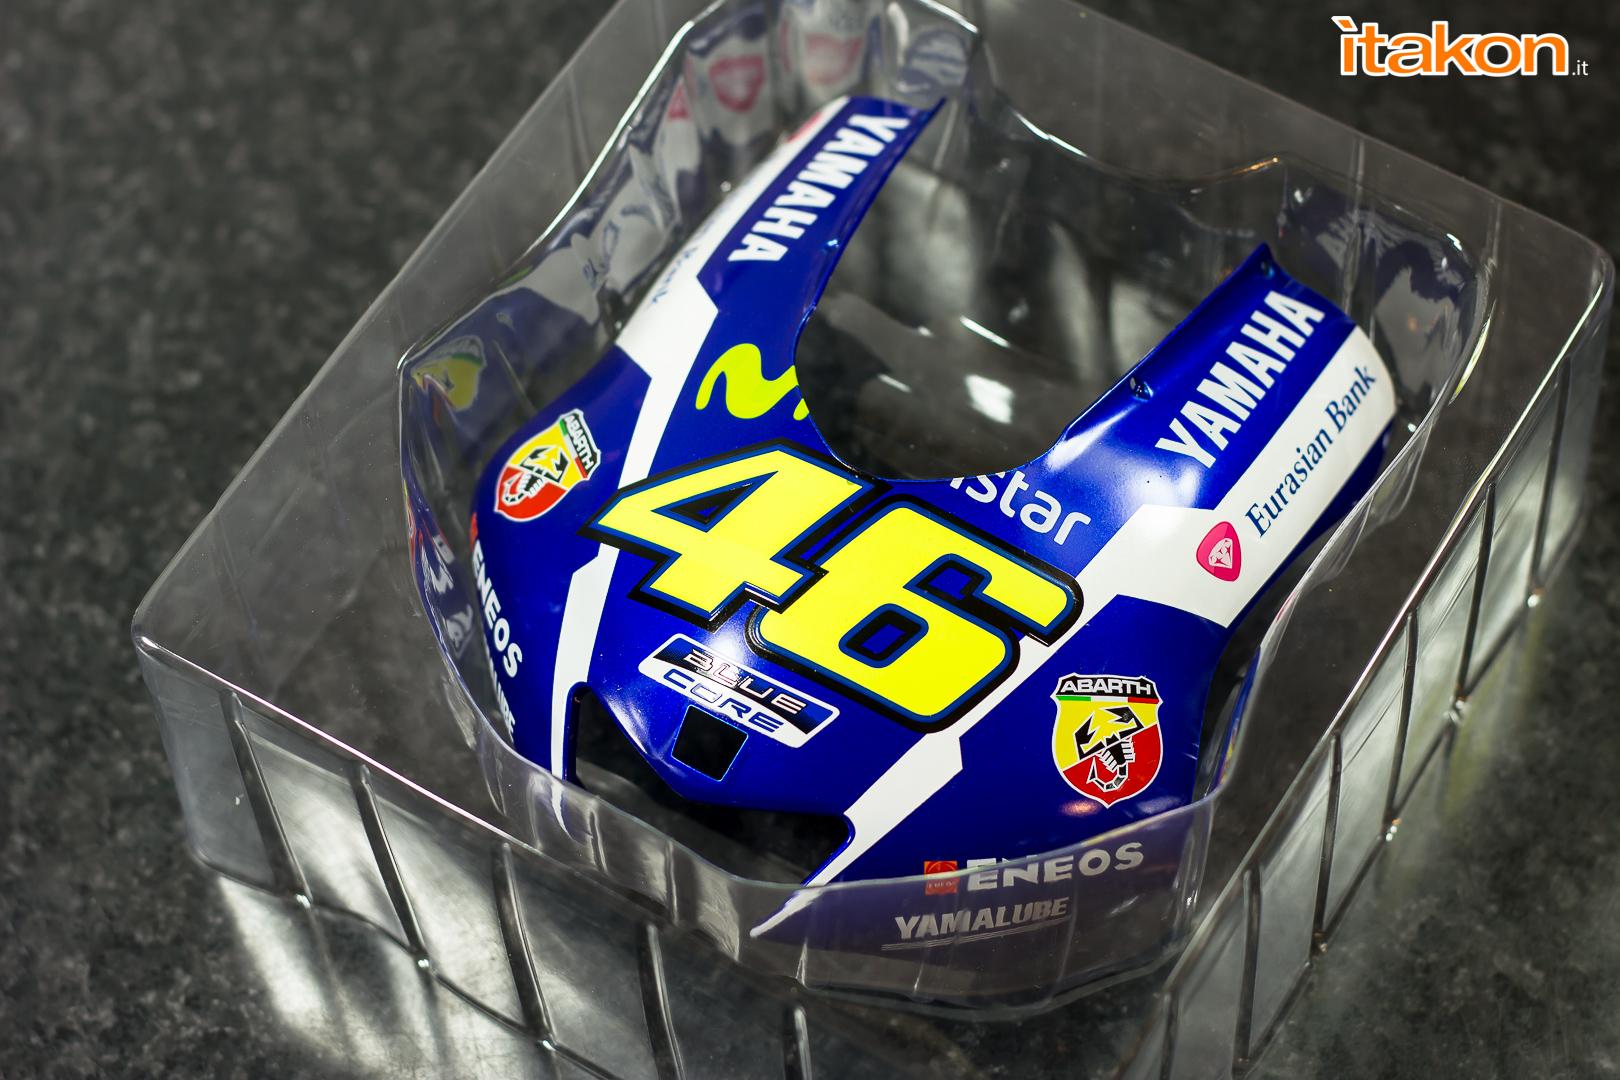 Link a La M1 di Valentino Rossi DeAgostini in scala 1-4-17